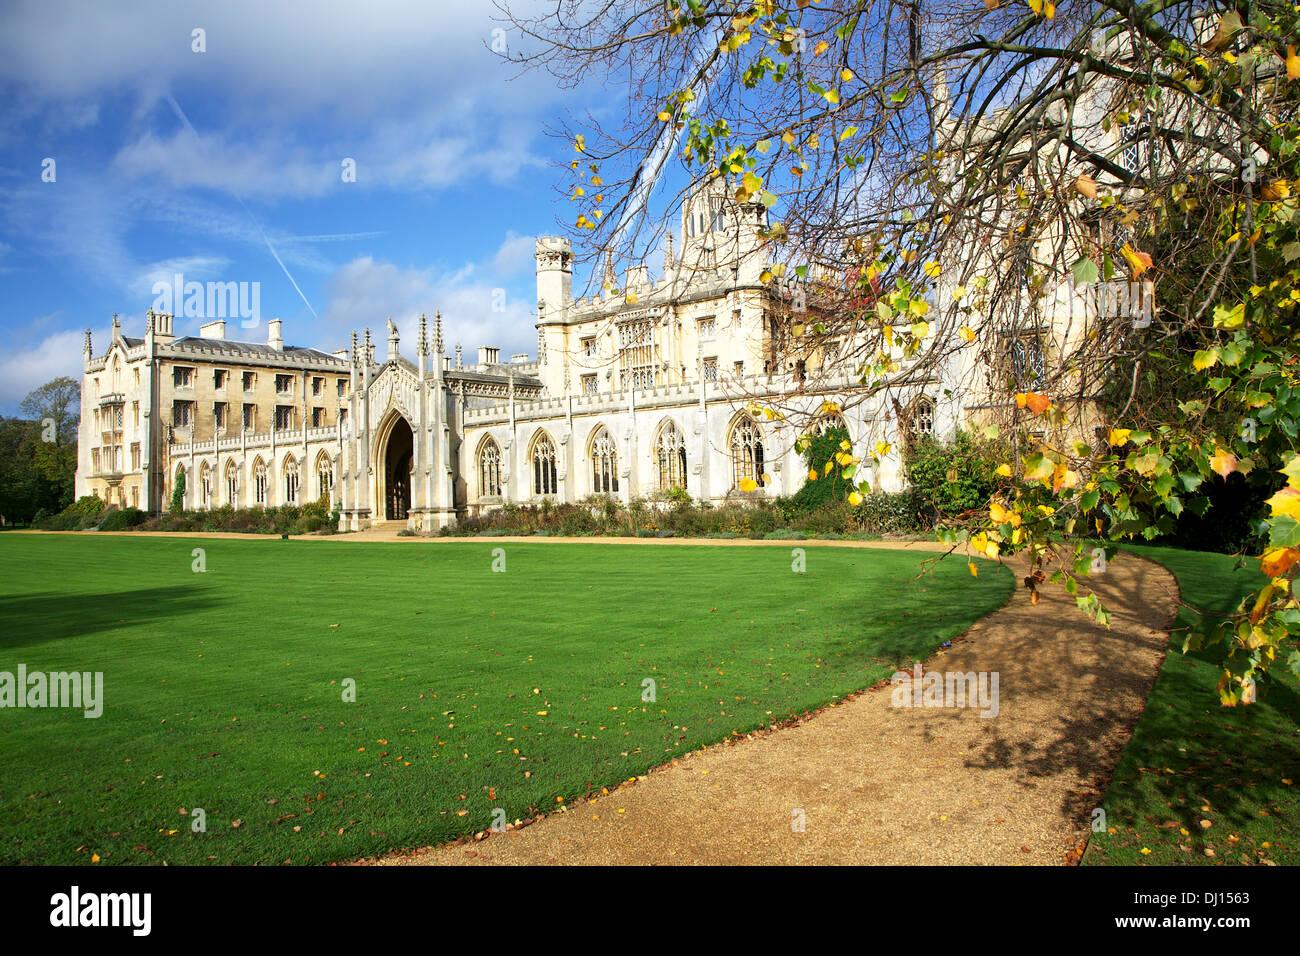 New Court, St John's College, Cambridge - Stock Image